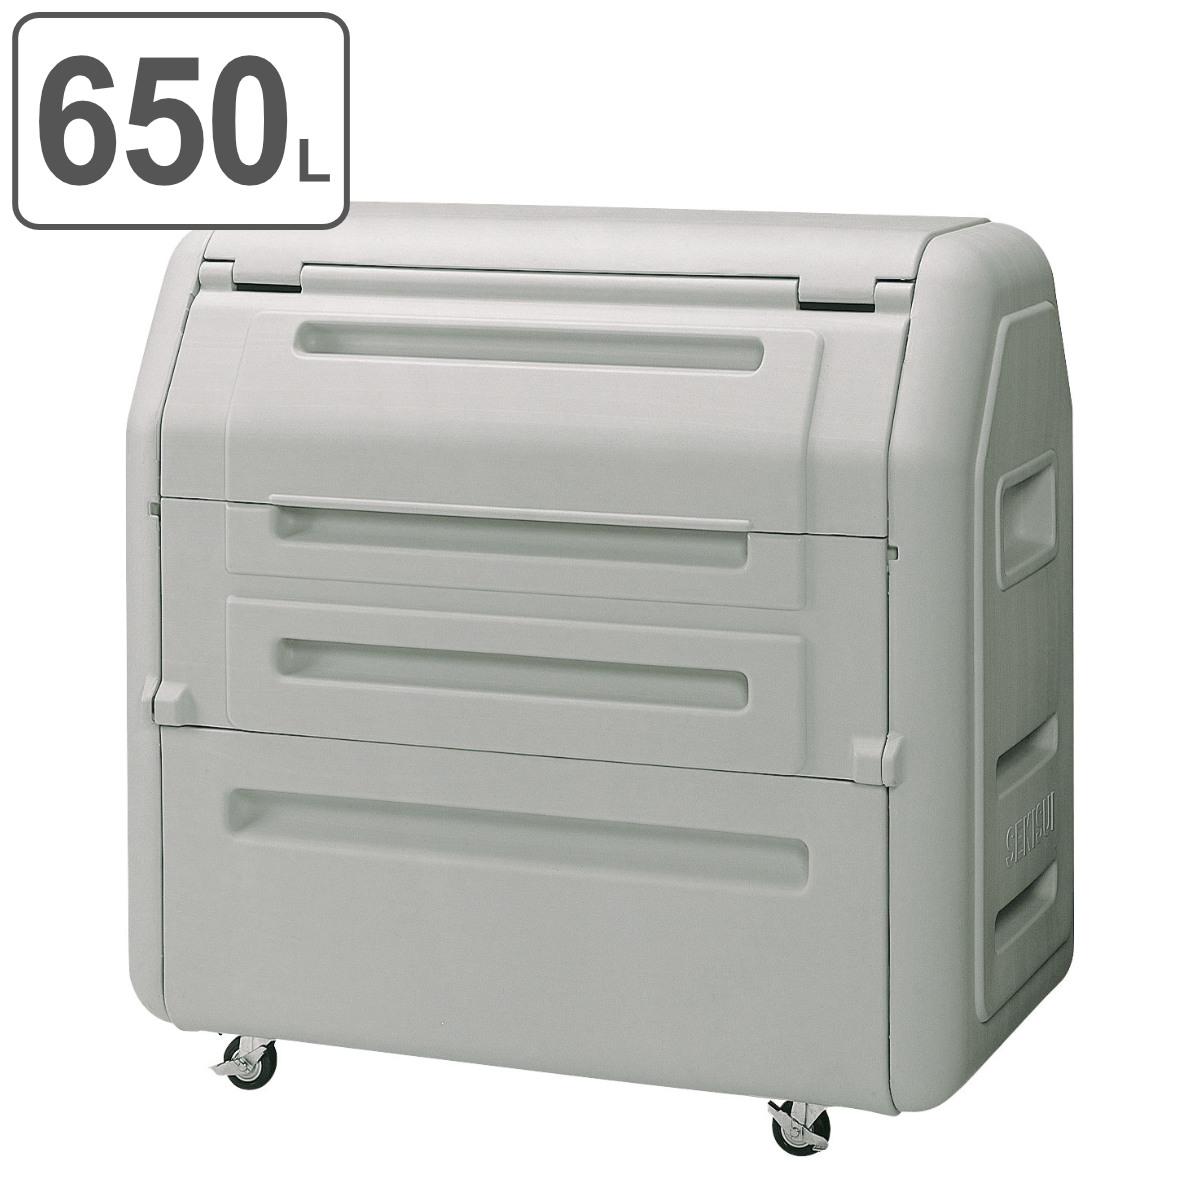 ダストボックス #700 (大型ゴミ箱 回収用 山崎産業 送料無料 ) 【4500円以上送料無料】